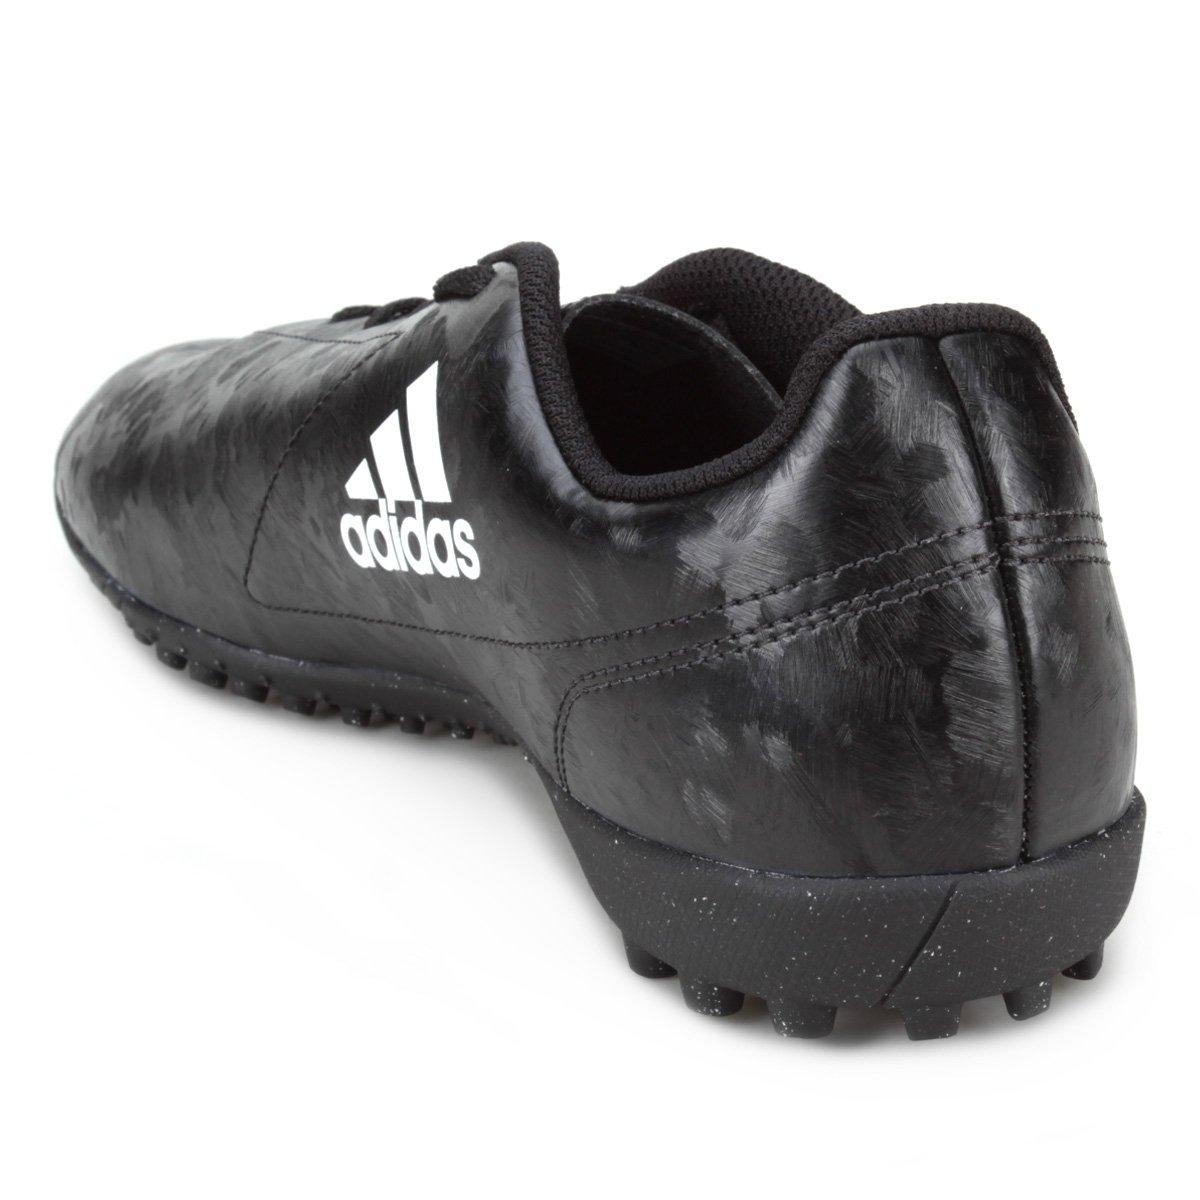 Chuteira Society Adidas Conquisto II TF - Preto e Vermelho - Compre ... 24c6eae1a6207